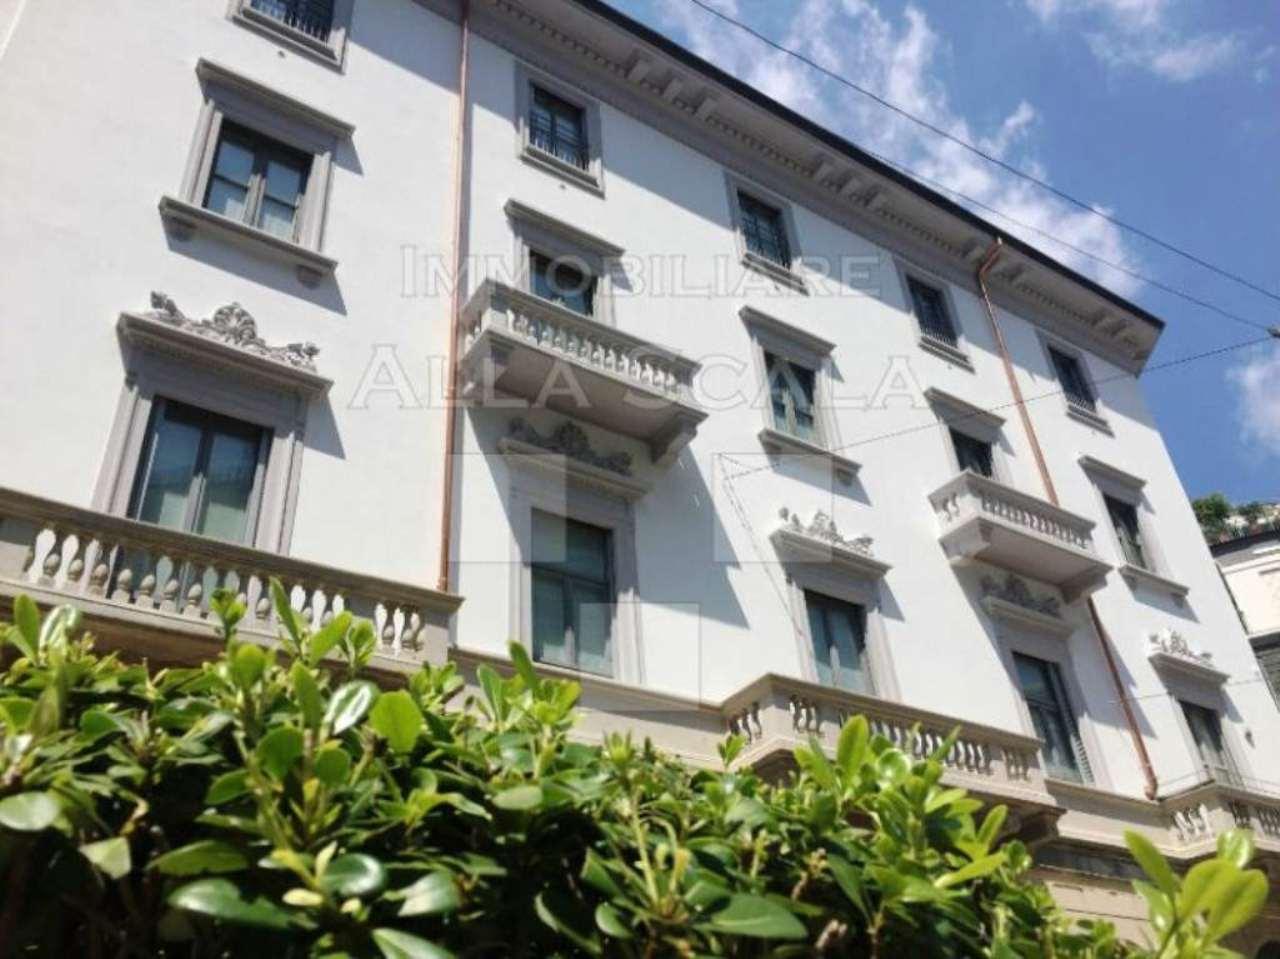 Attici in vendita a milano annunci immobiliari for Appartamenti in vendita milano